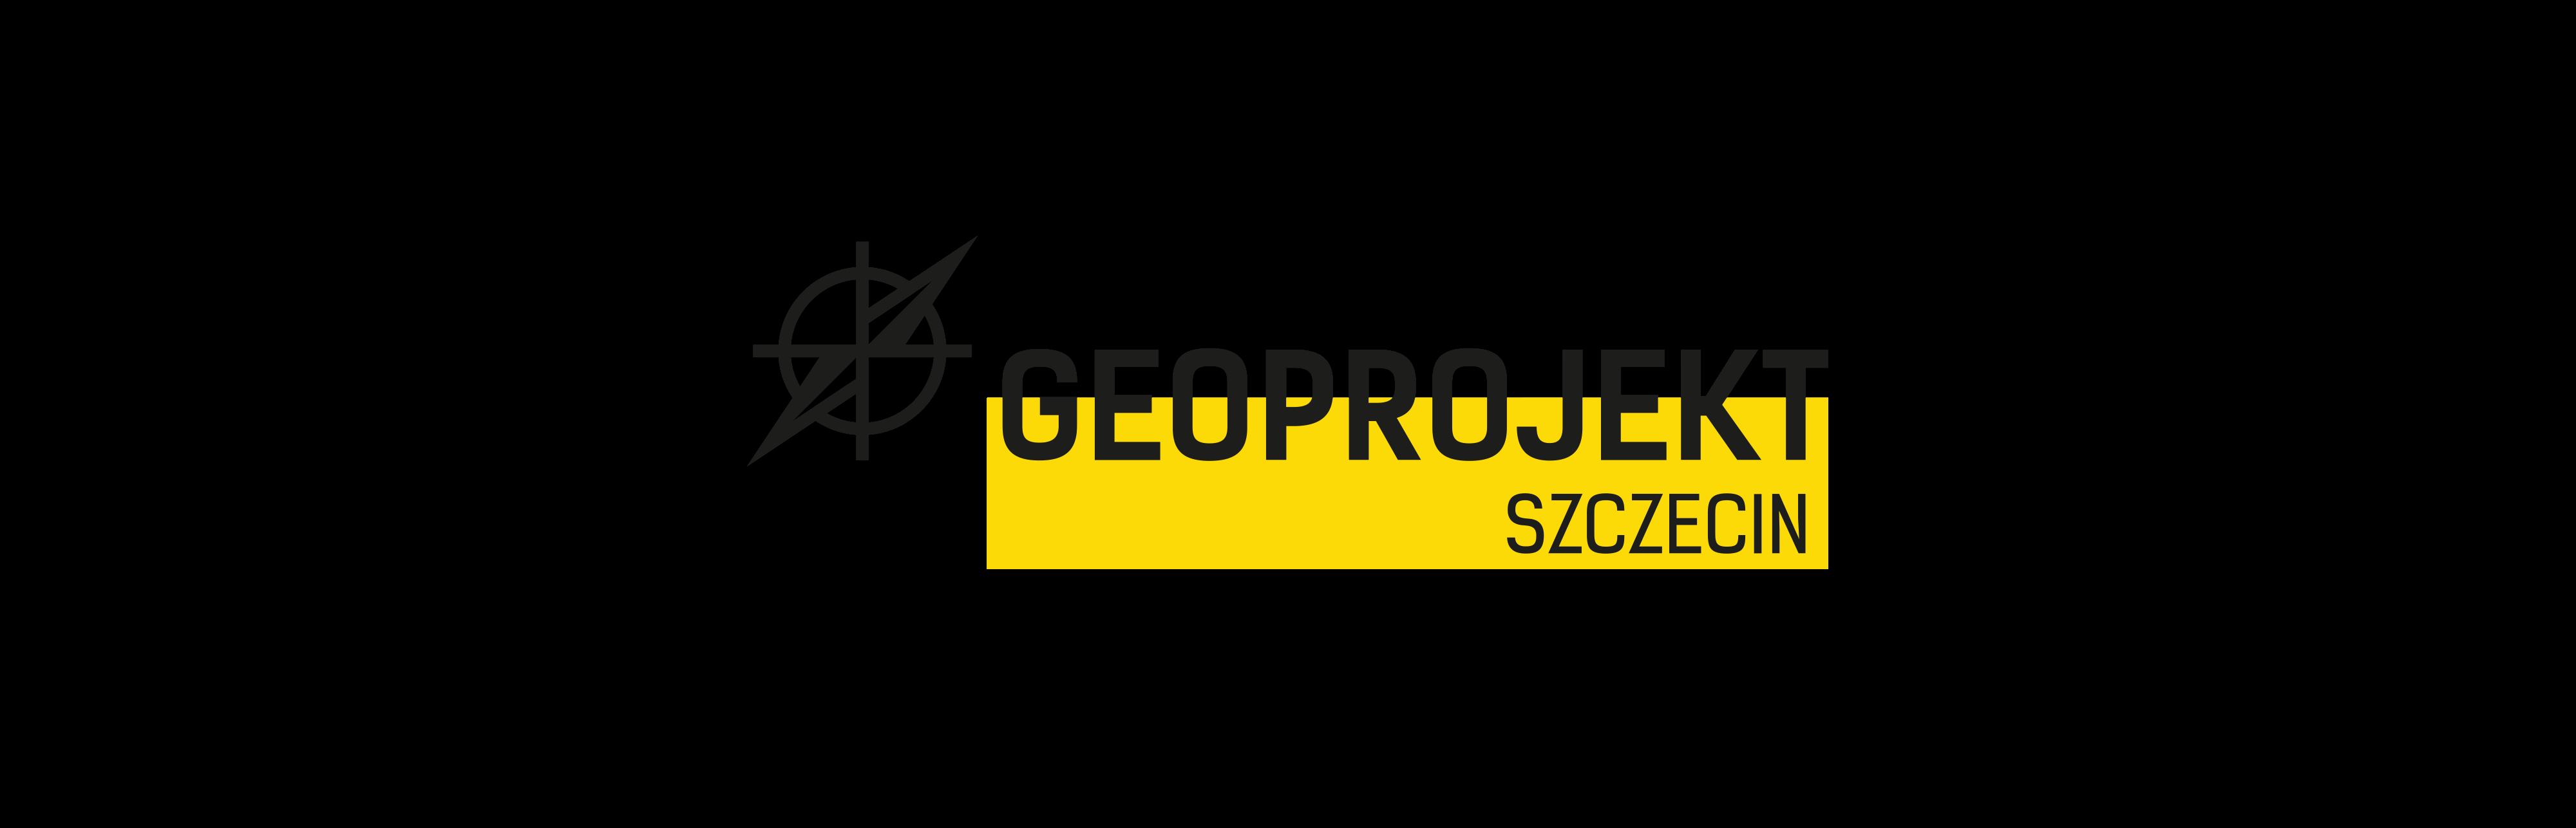 GEOPROJEKT_banner_portfolio_logo